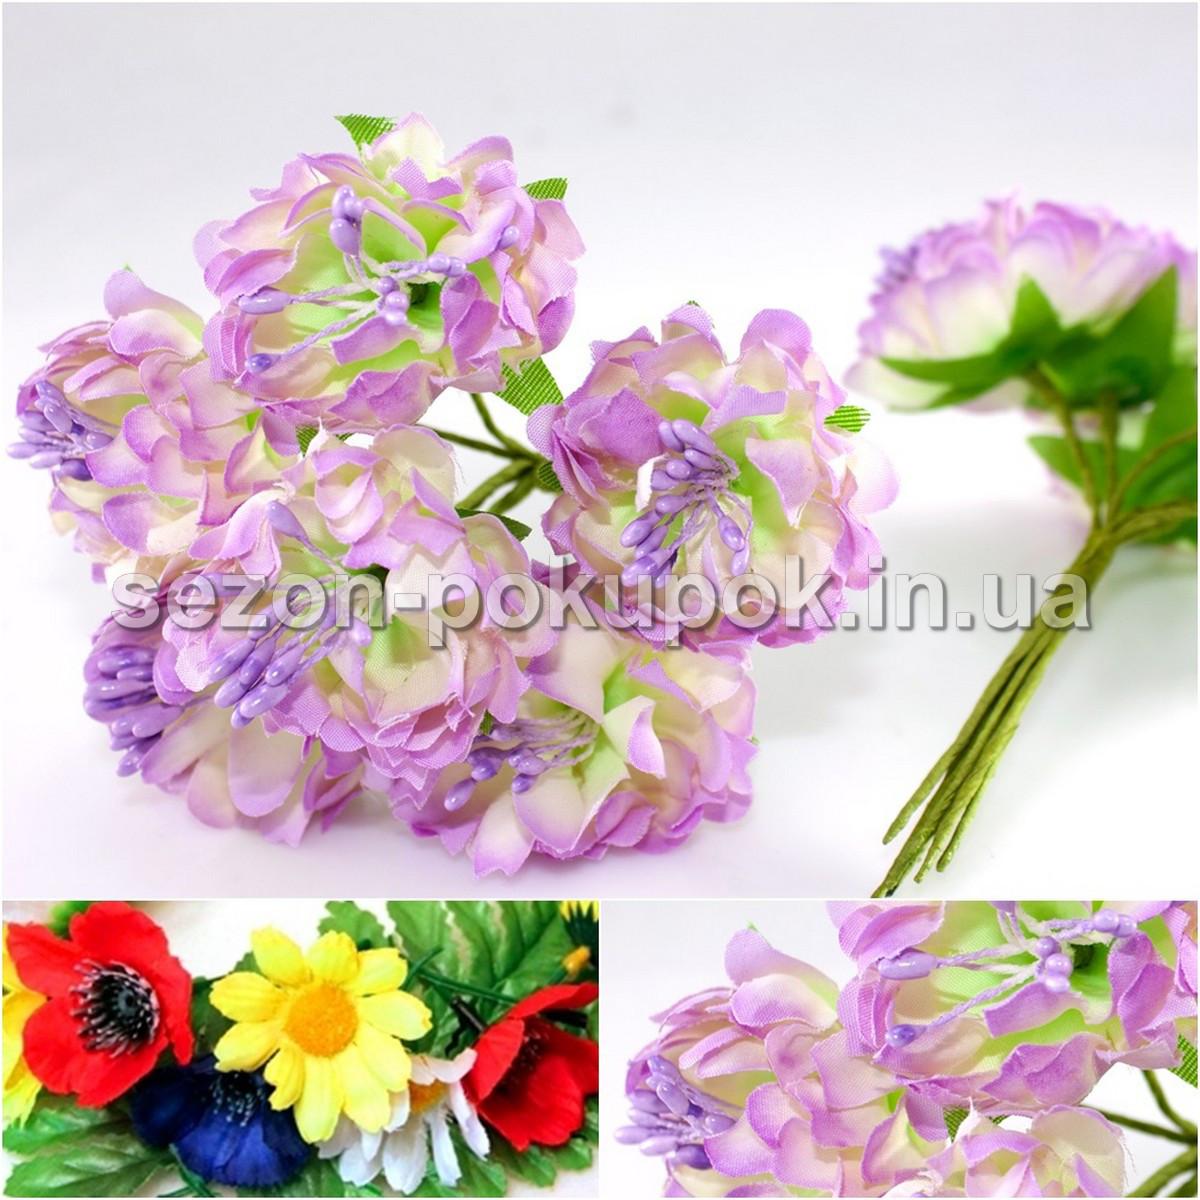 Хризантема Элит букетик, диаметр цветка~3,5-4см  (цена за букет из 6шт) Цвет - Сиреневый